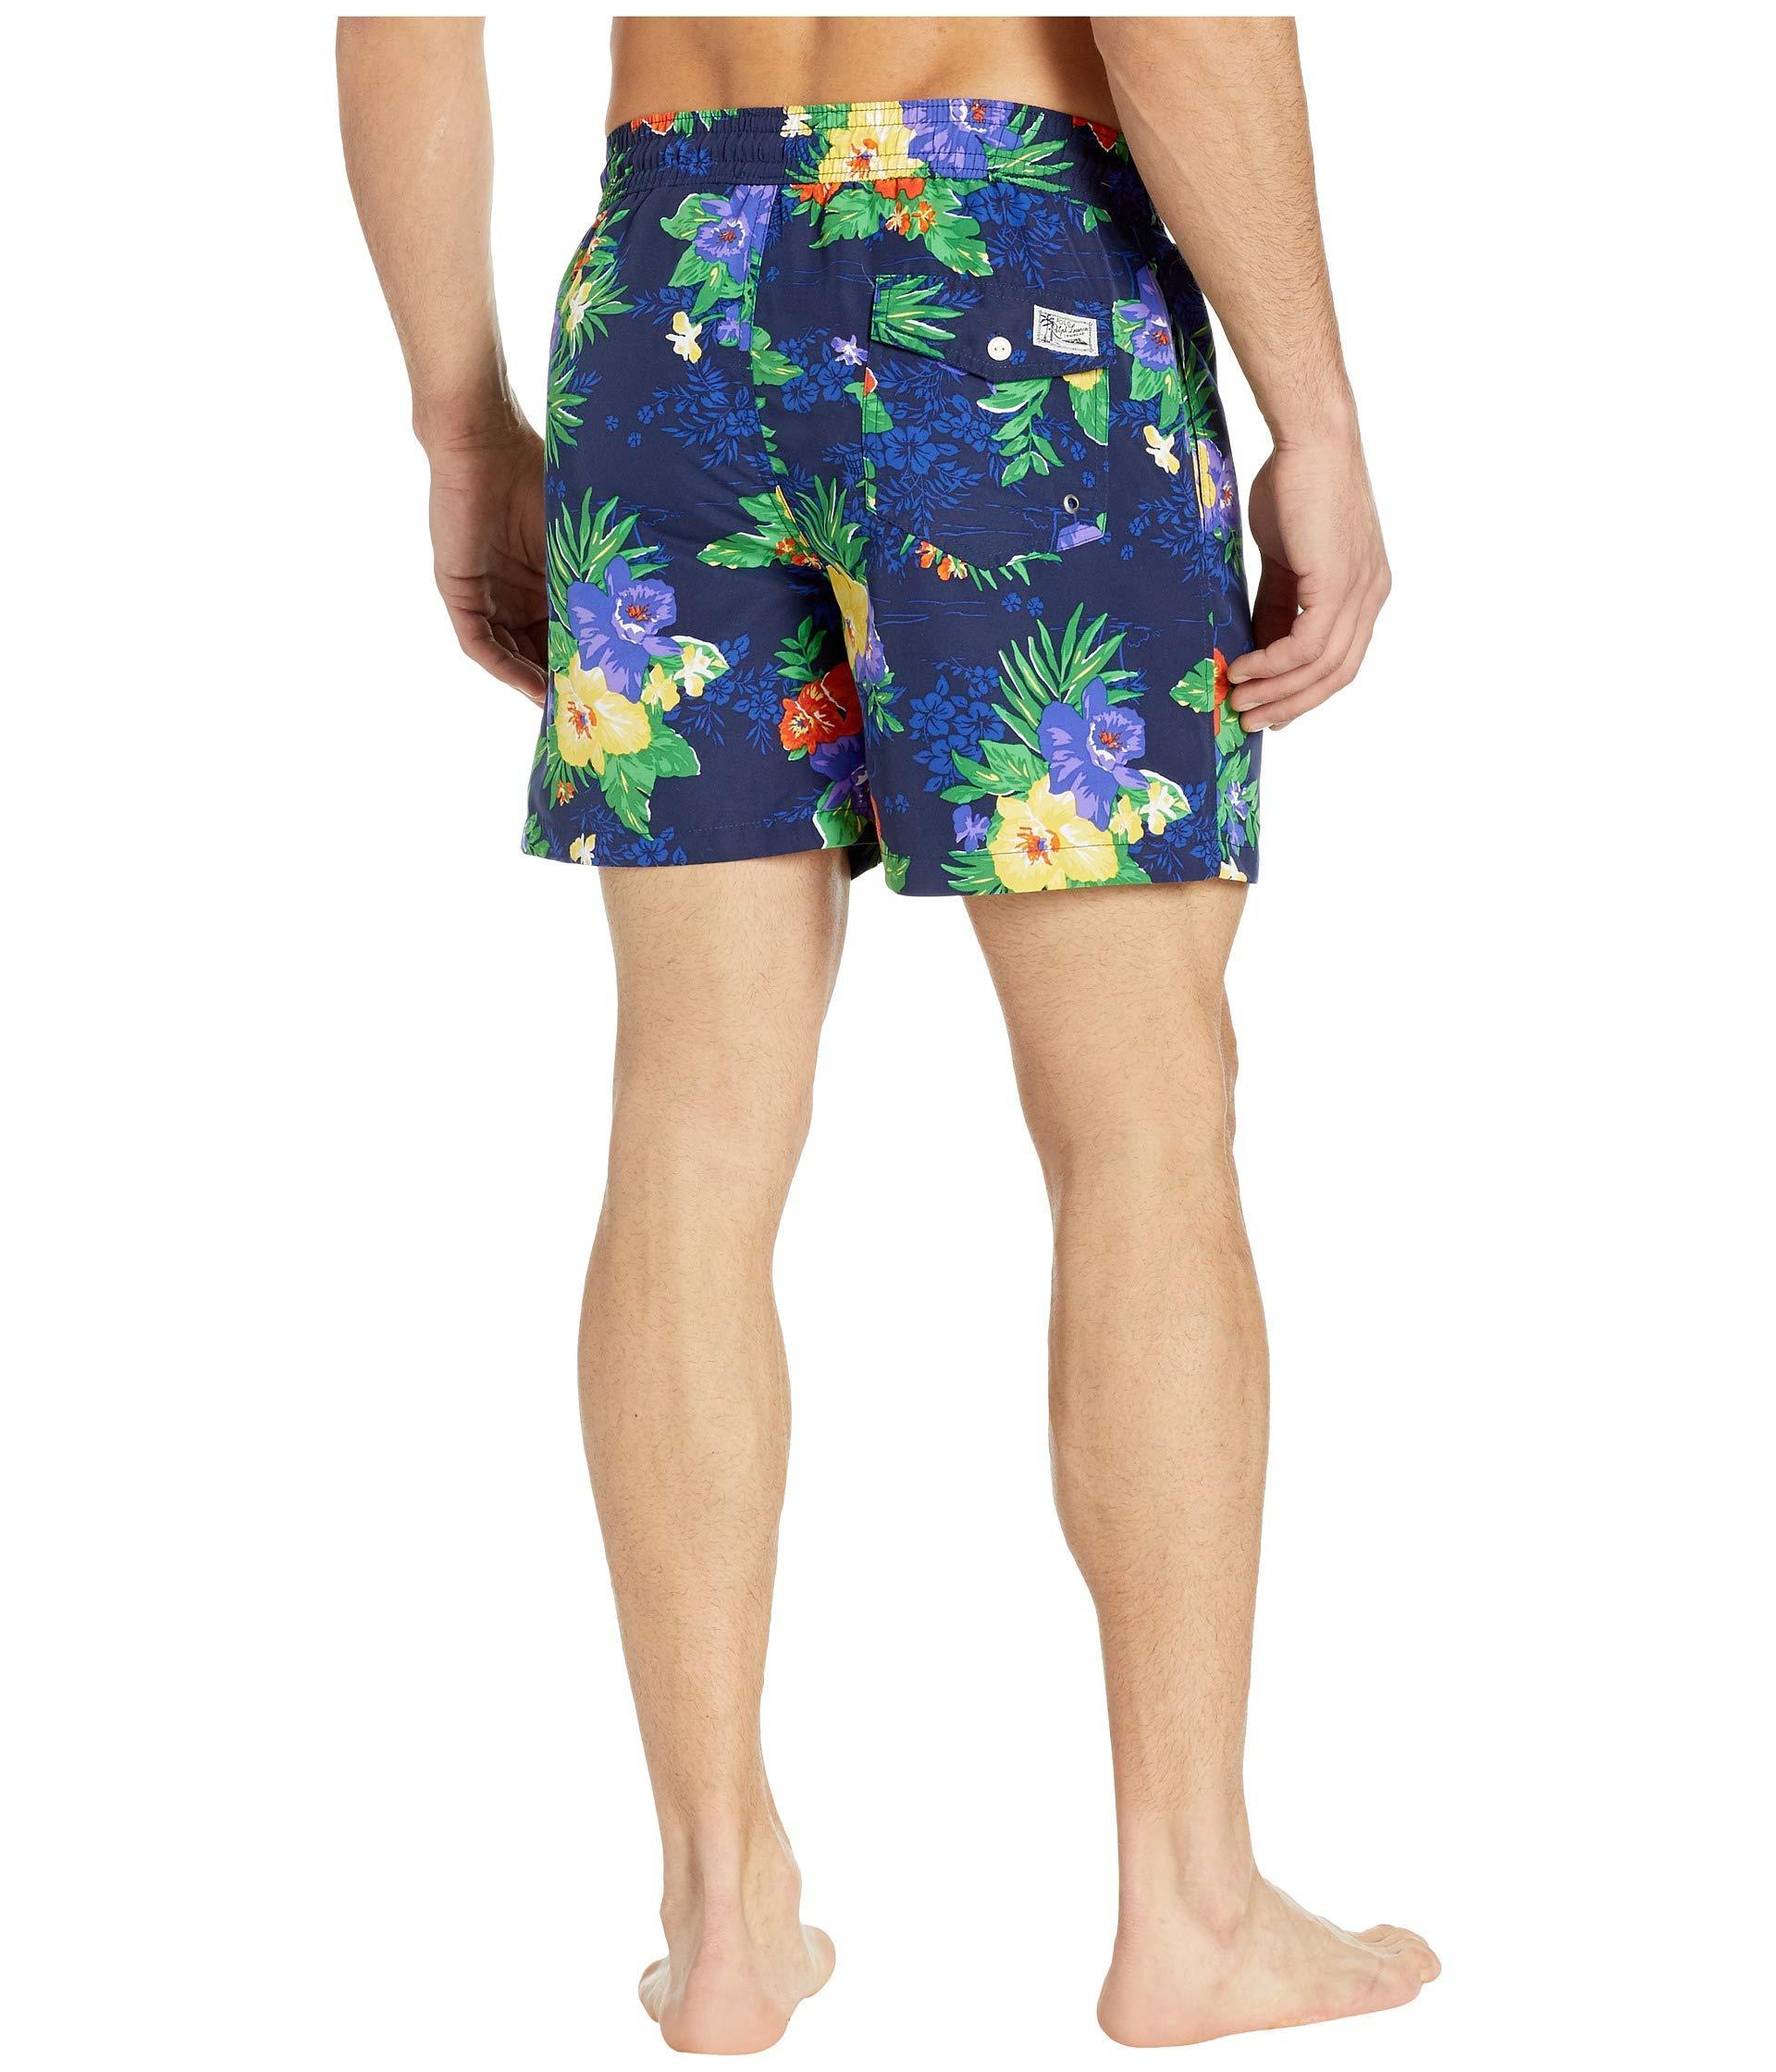 9689640f5e Polo Ralph Lauren - Blue Traveler Swim Trunks (carribean Floral) Men's Swimwear  for Men. View fullscreen